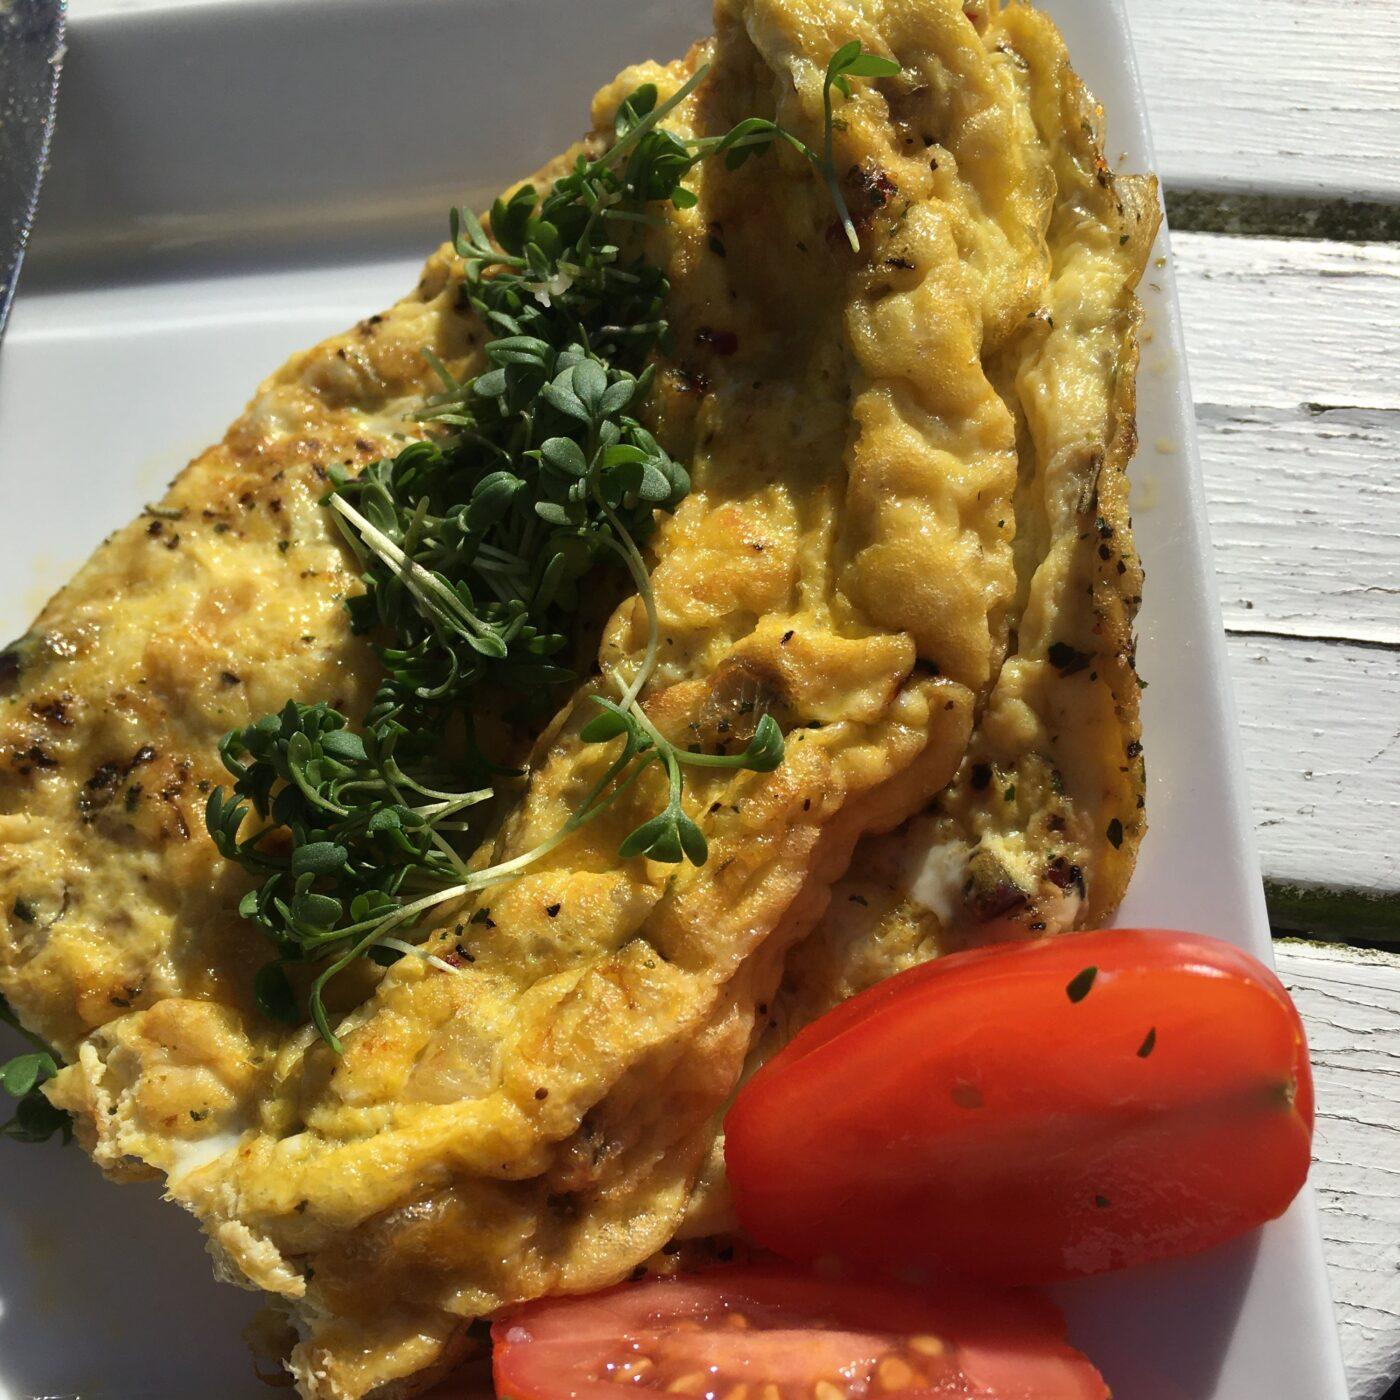 Omelet opskrift - færdig og pyntet omelet